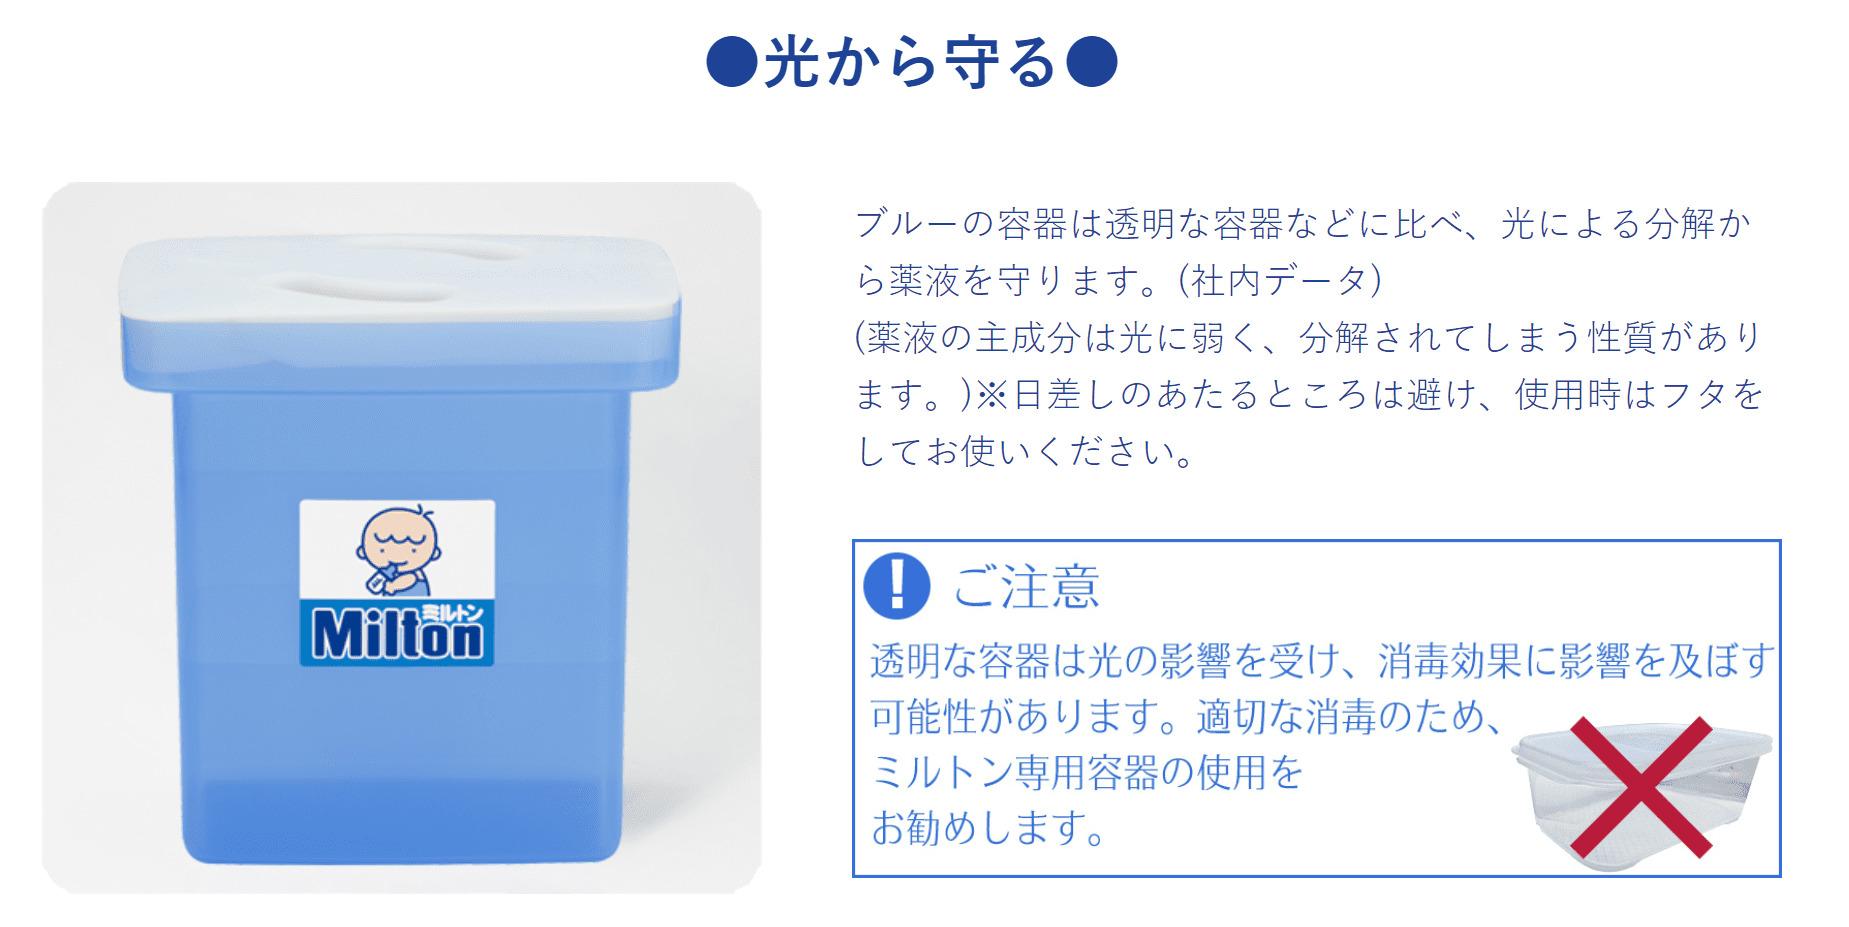 ミルトン専用容器が半透明の理由が書いてある